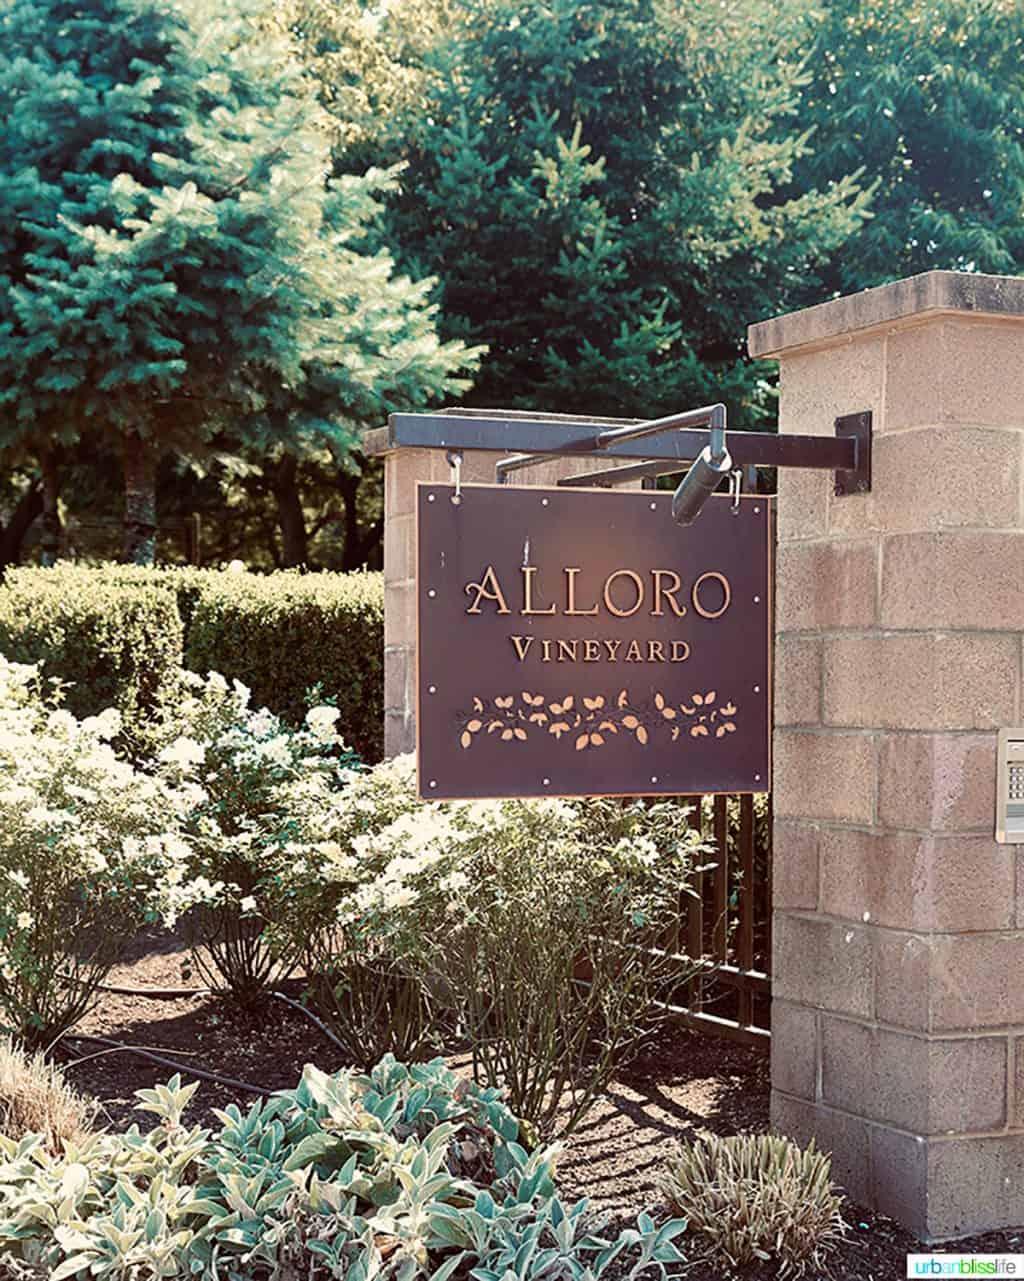 Alloro entrance sign